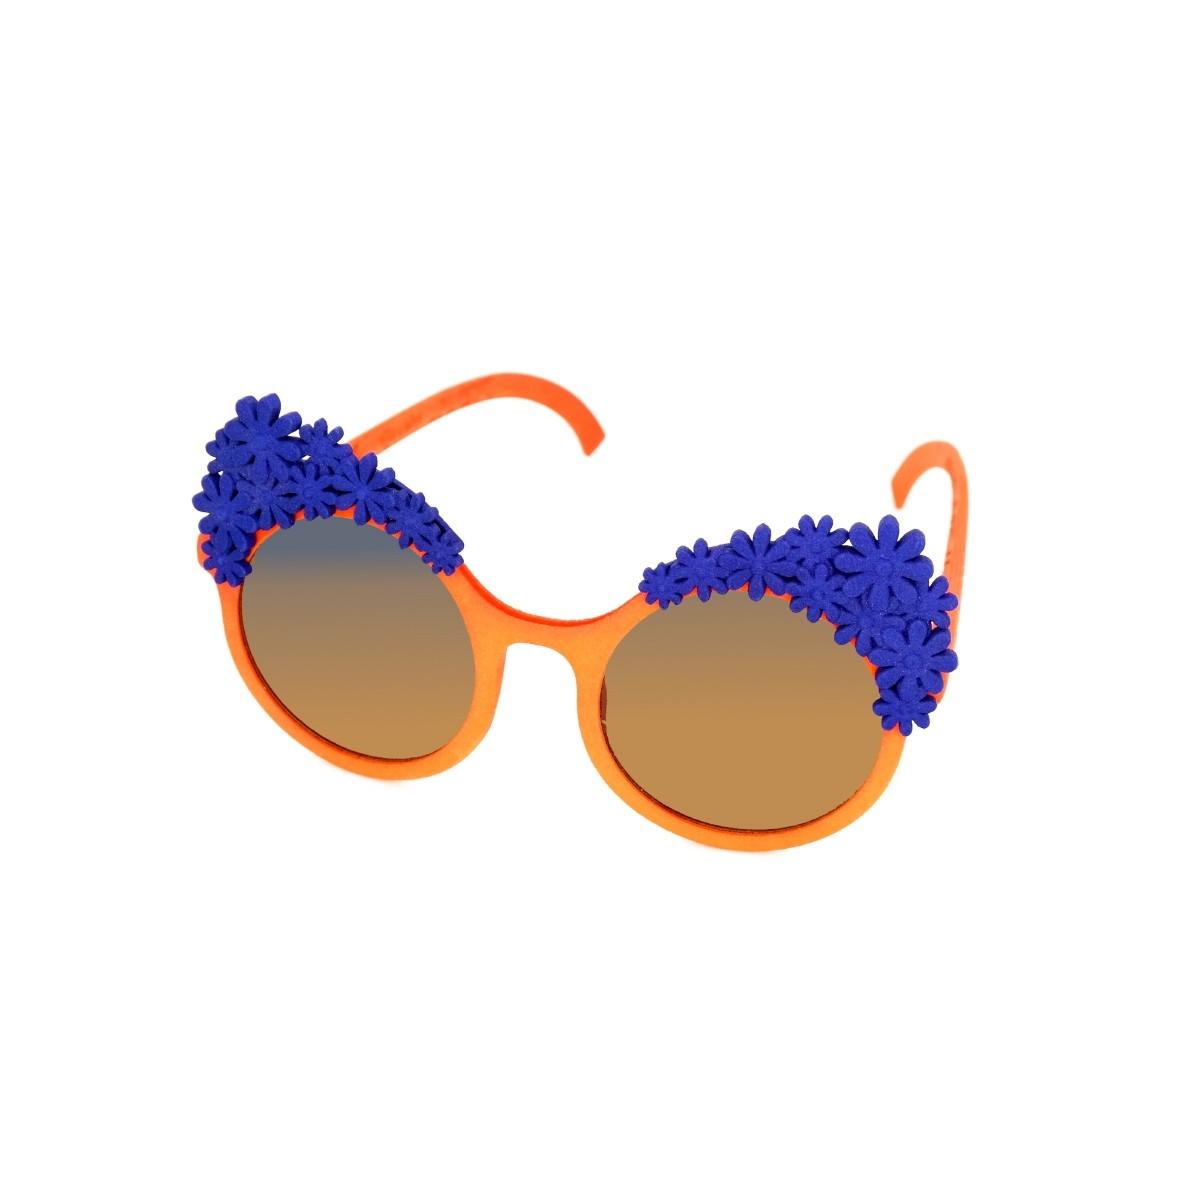 Cambiami Margherite donna arancio, 90,00€, Occhiali Cambiami Arancio a forma Rotondo